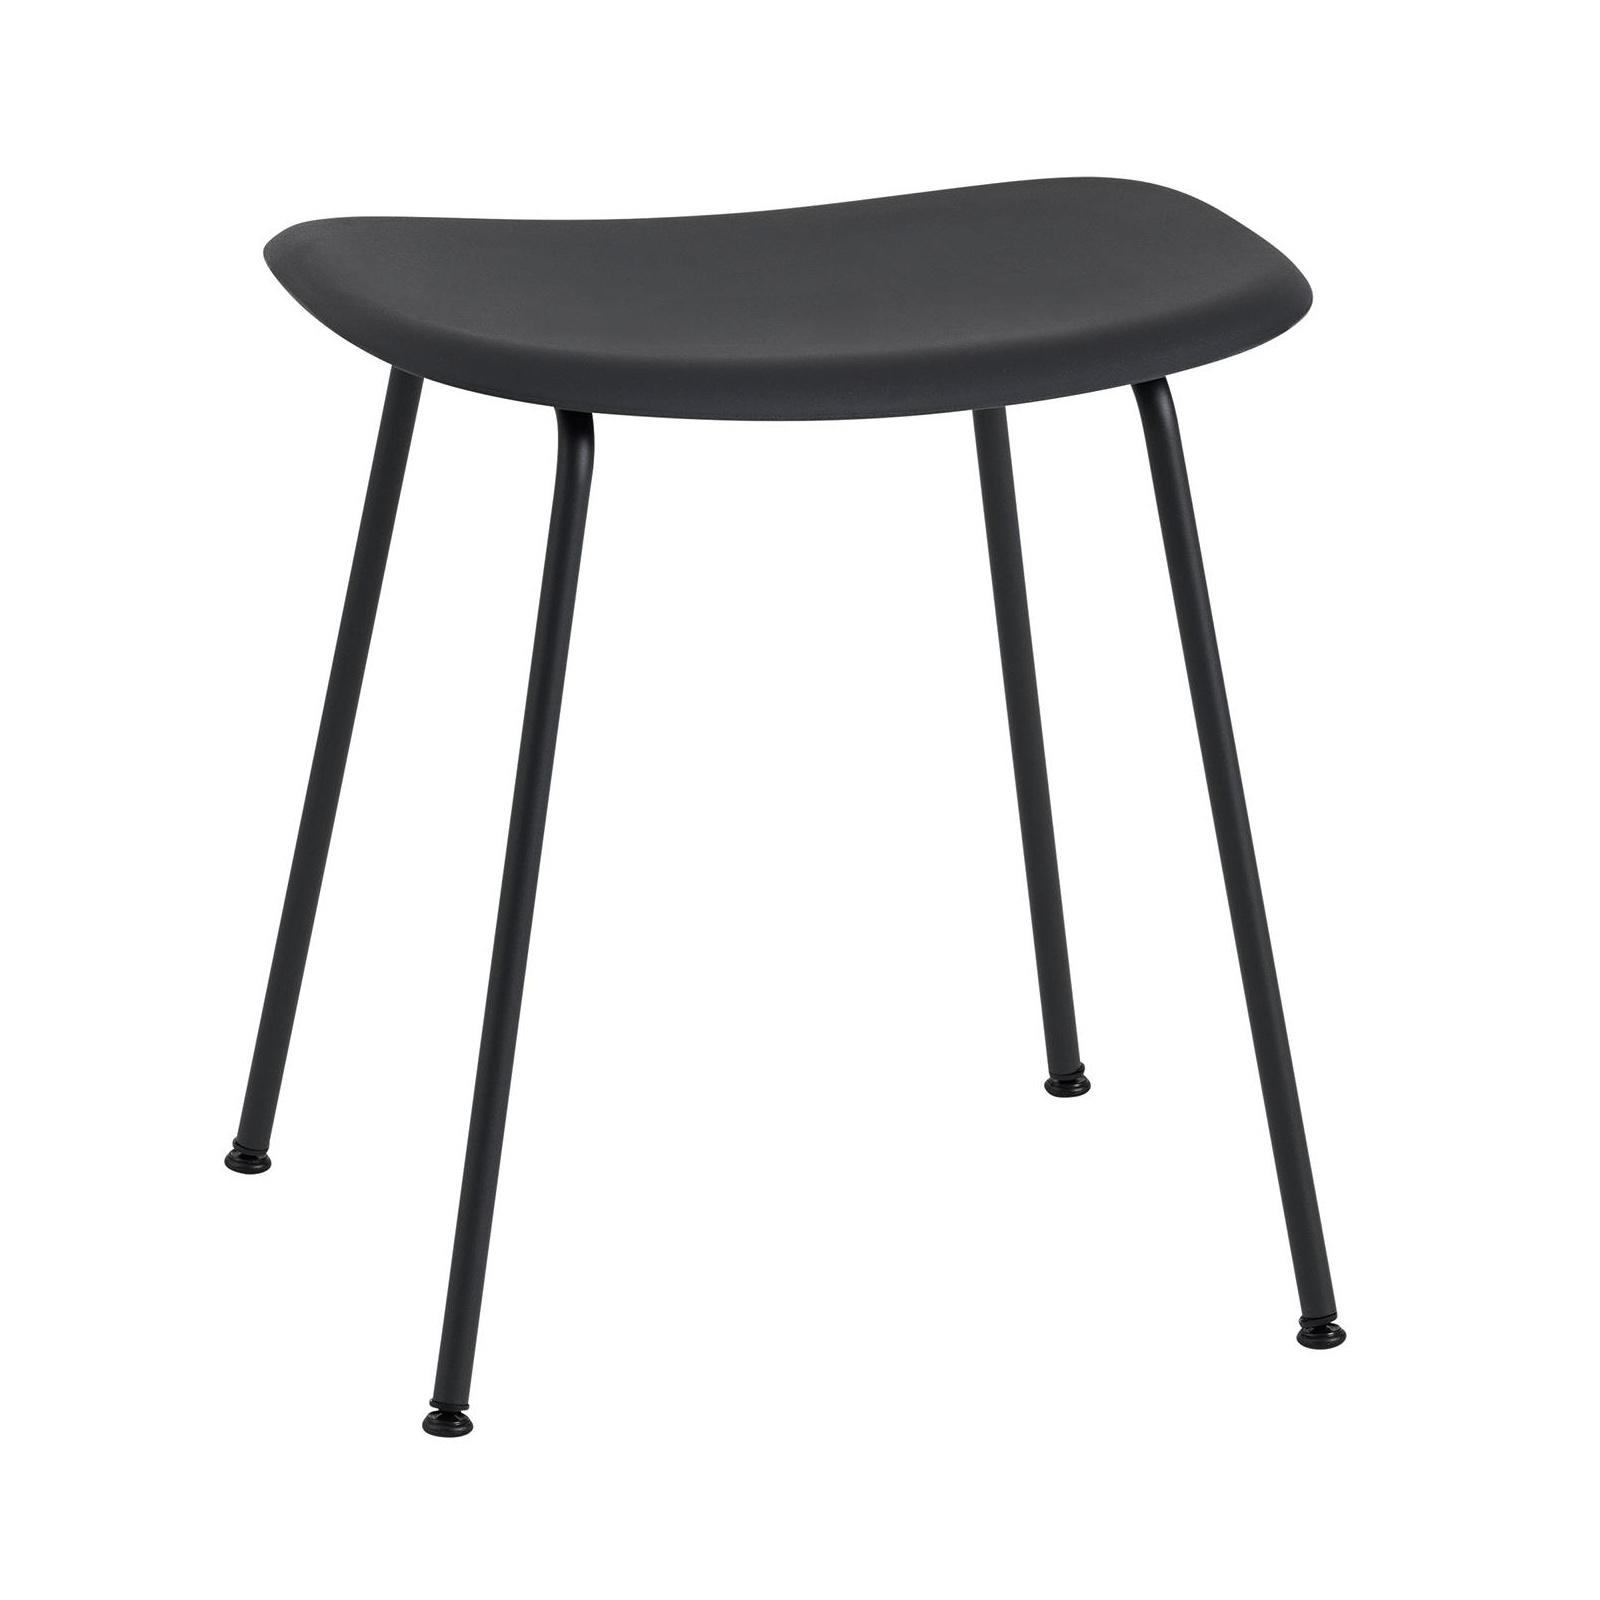 stahl pulverbeschichtet Sitzhocker online kaufen | Möbel